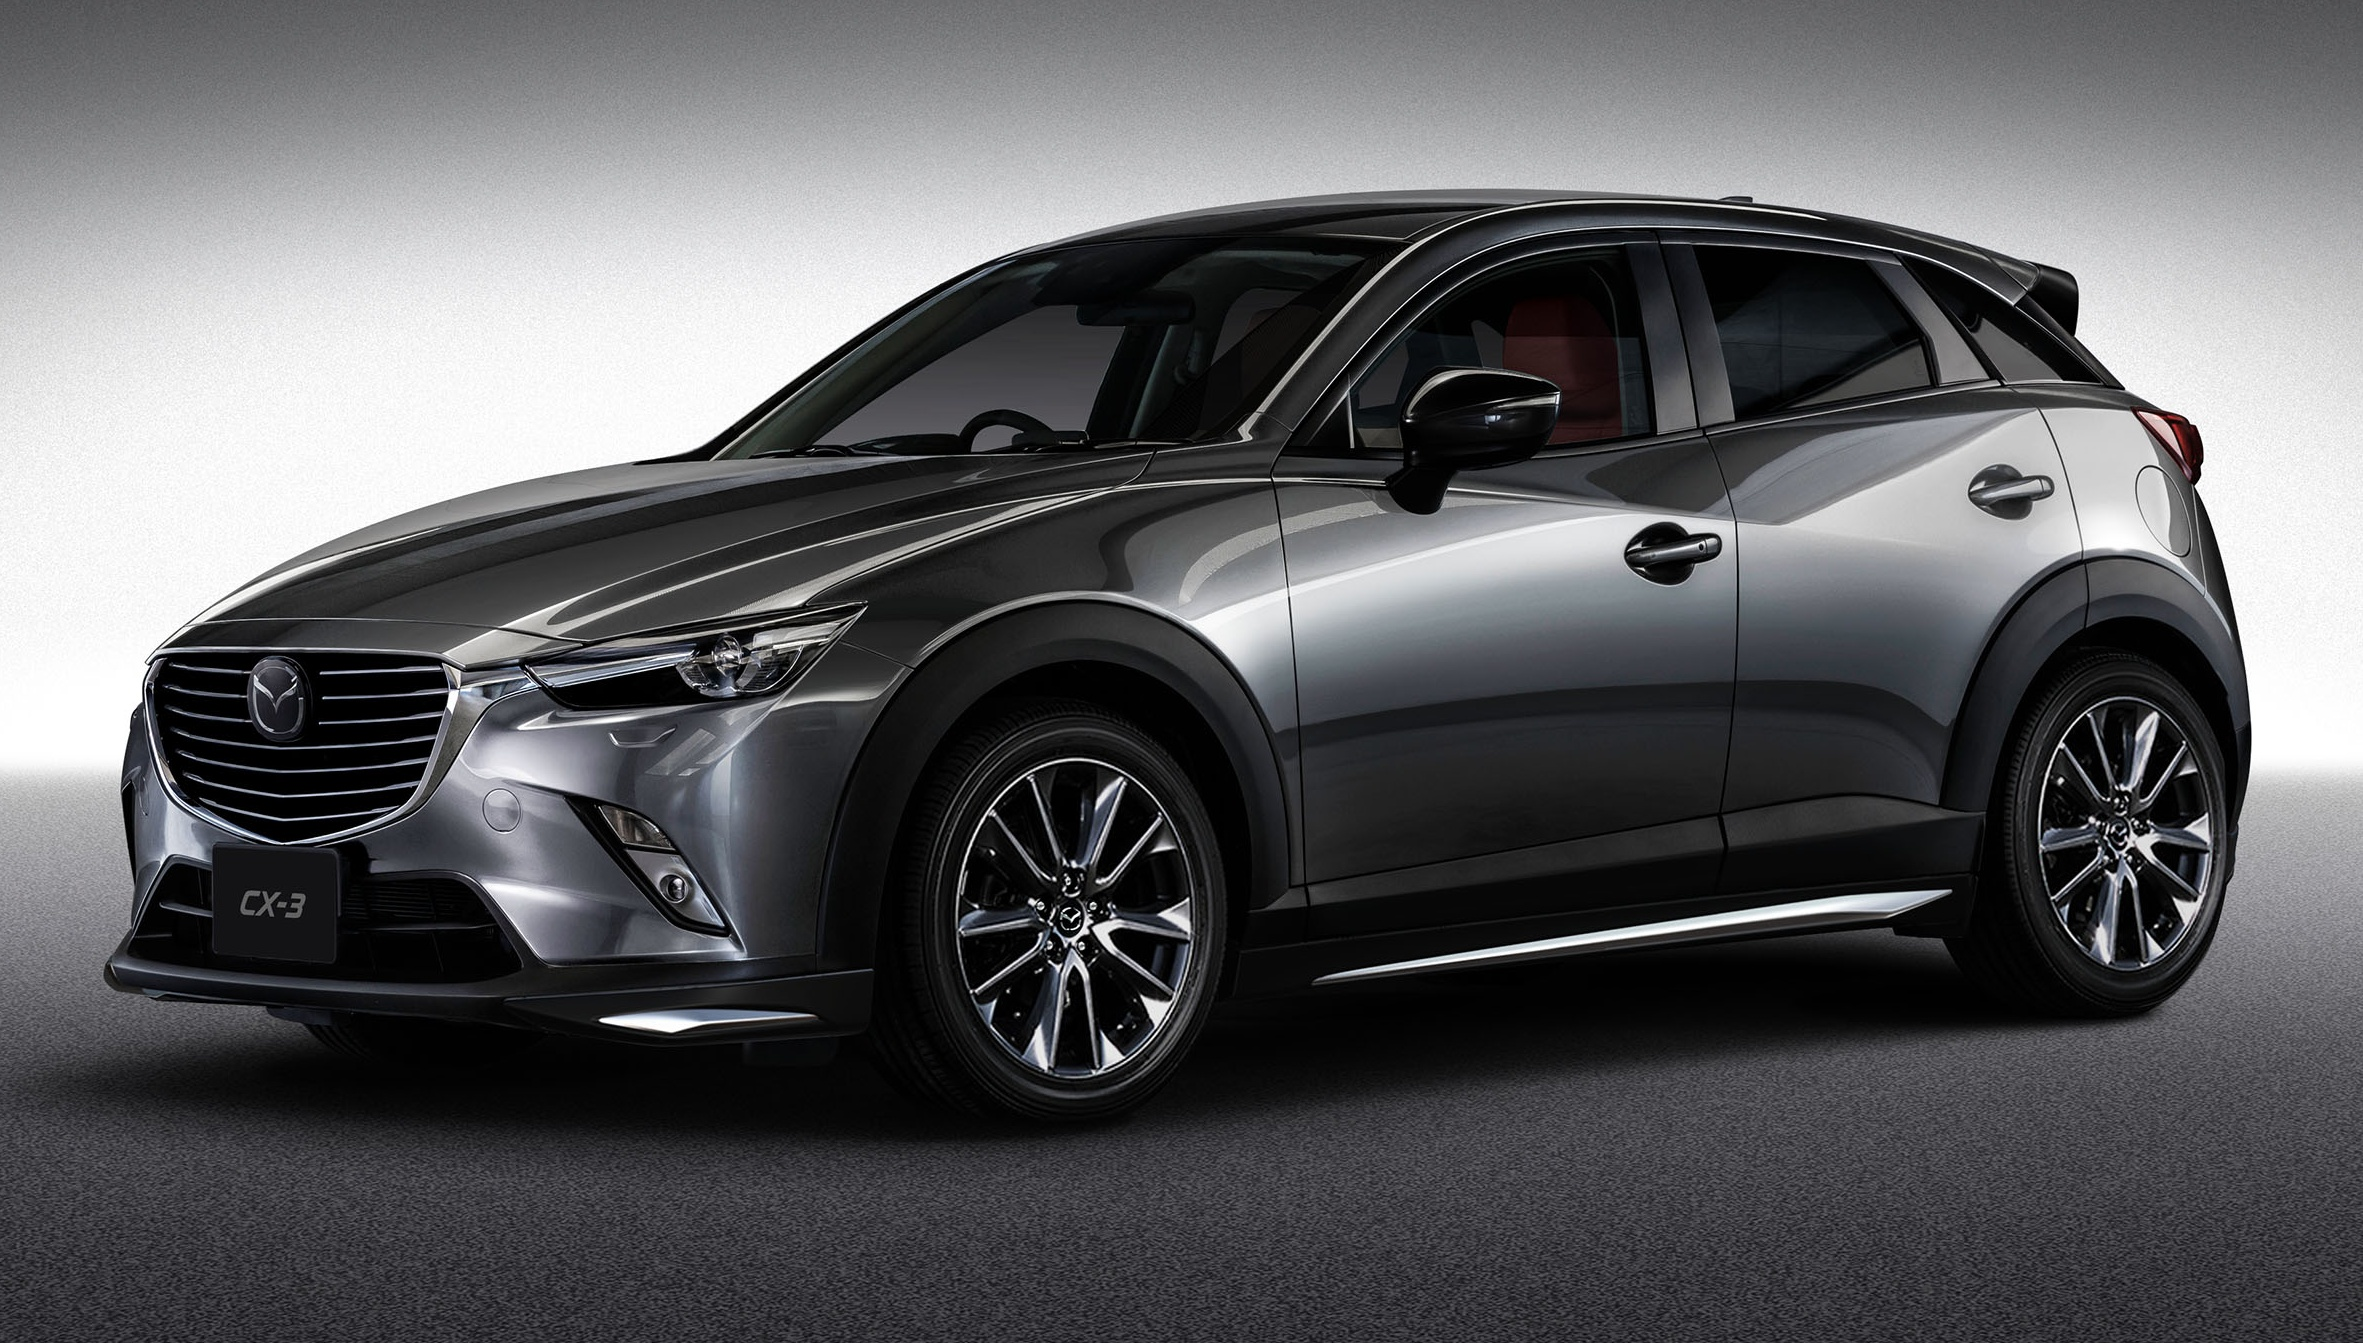 2017 Mx 5 Rf >> Mazda at 2017 Tokyo Auto Salon: tuned CX-5, MX-5 RF Image ...